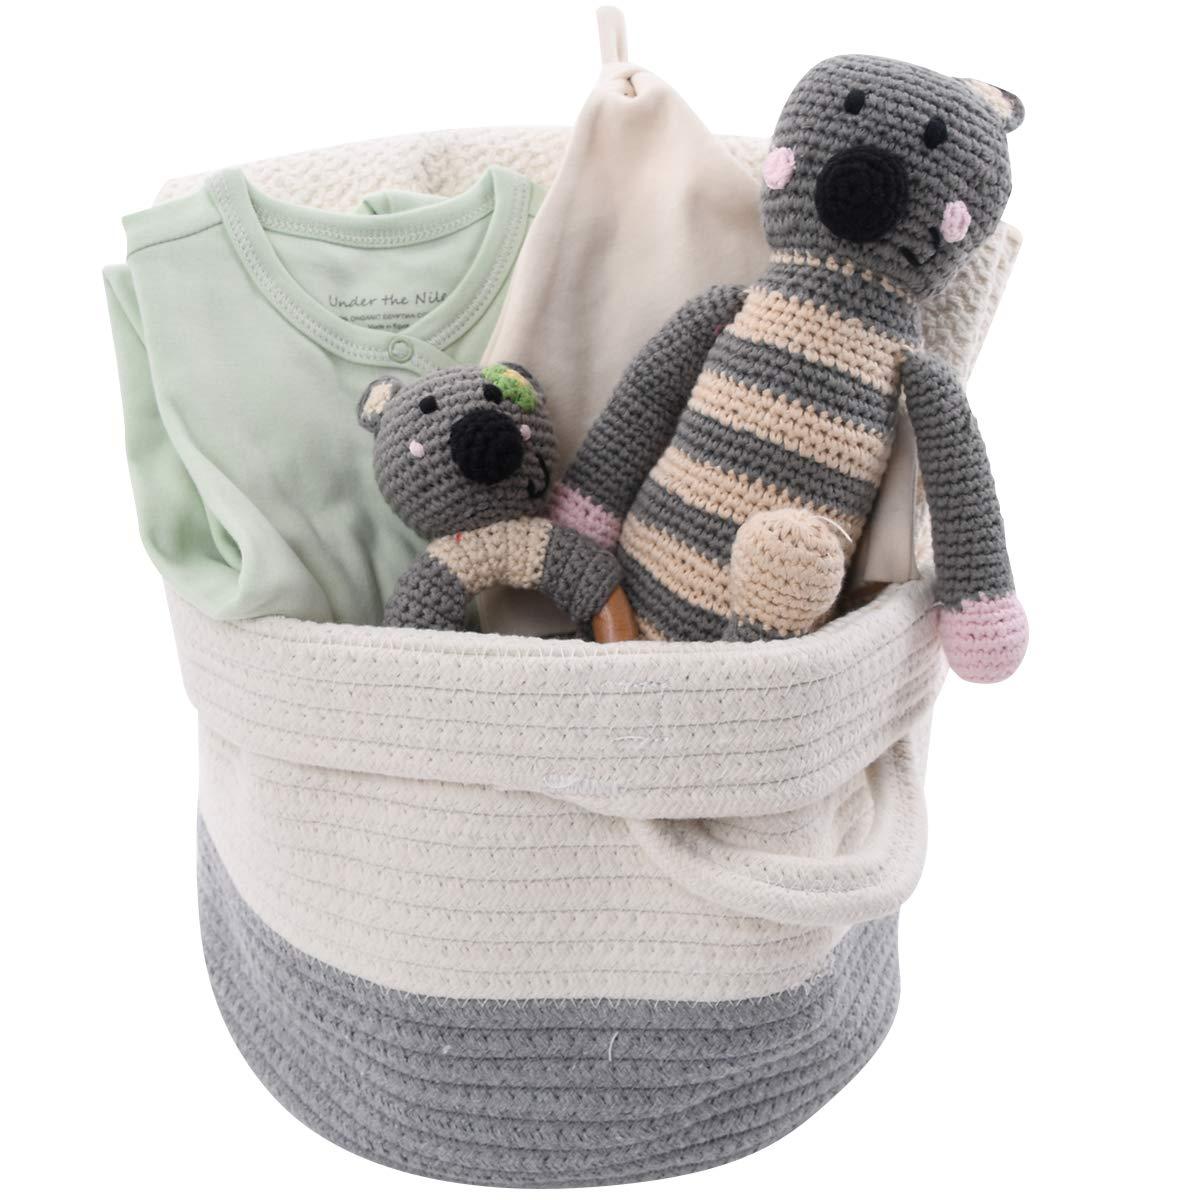 High End Baby Gift Basket - Gender Organic Blan Neutral Clothes Alternative Over item handling dealer